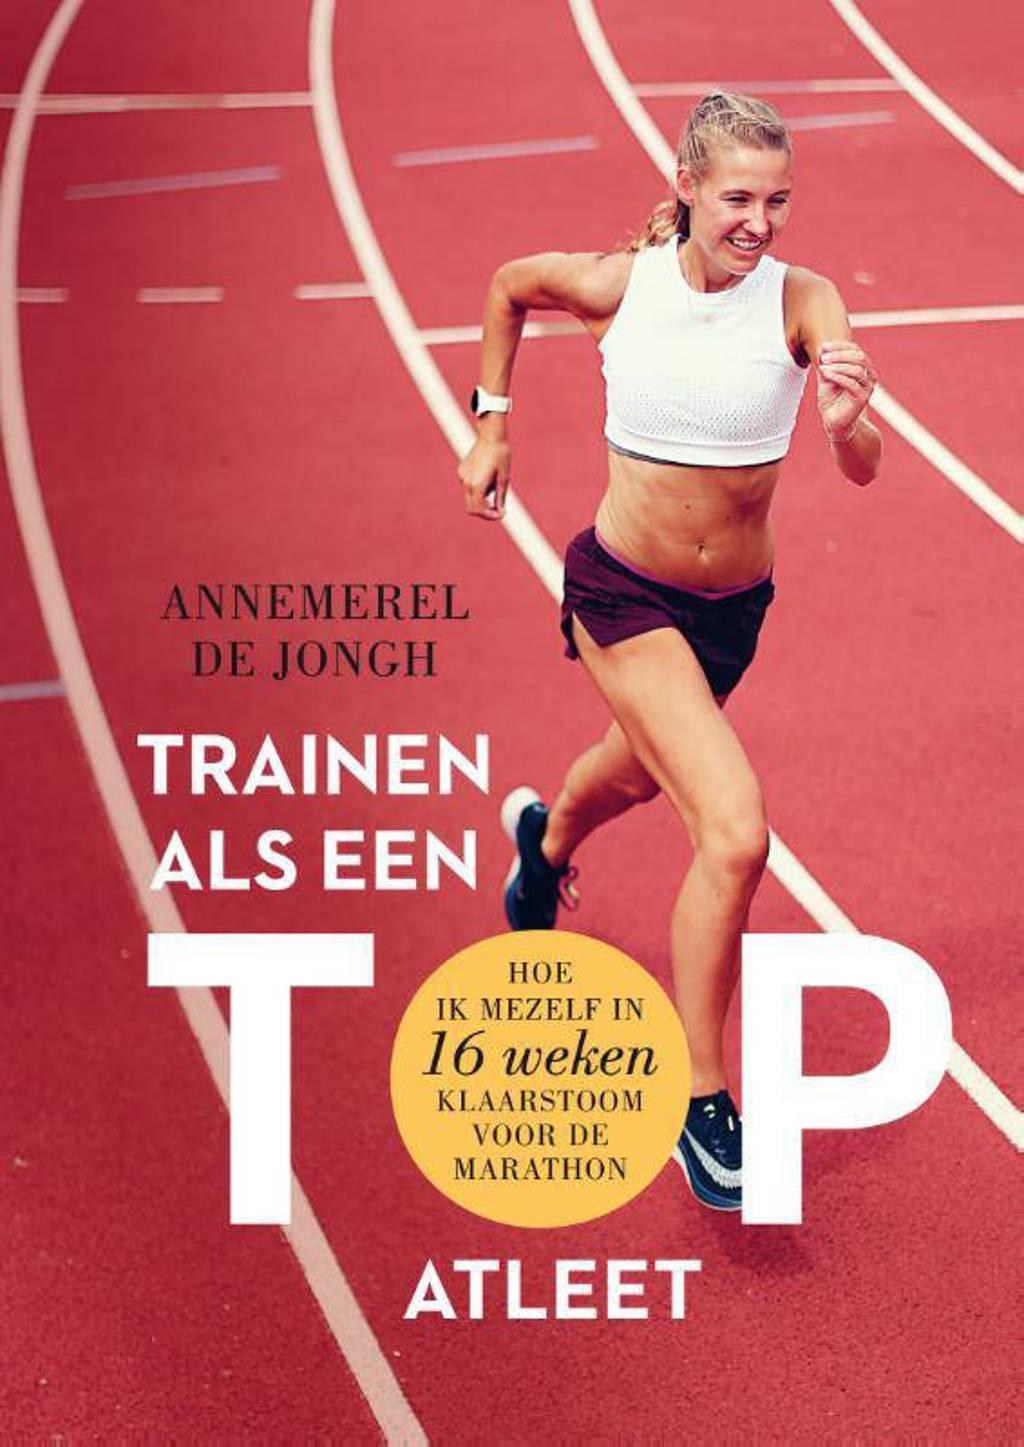 Trainen als een topatleet - Annemerel de Jongh